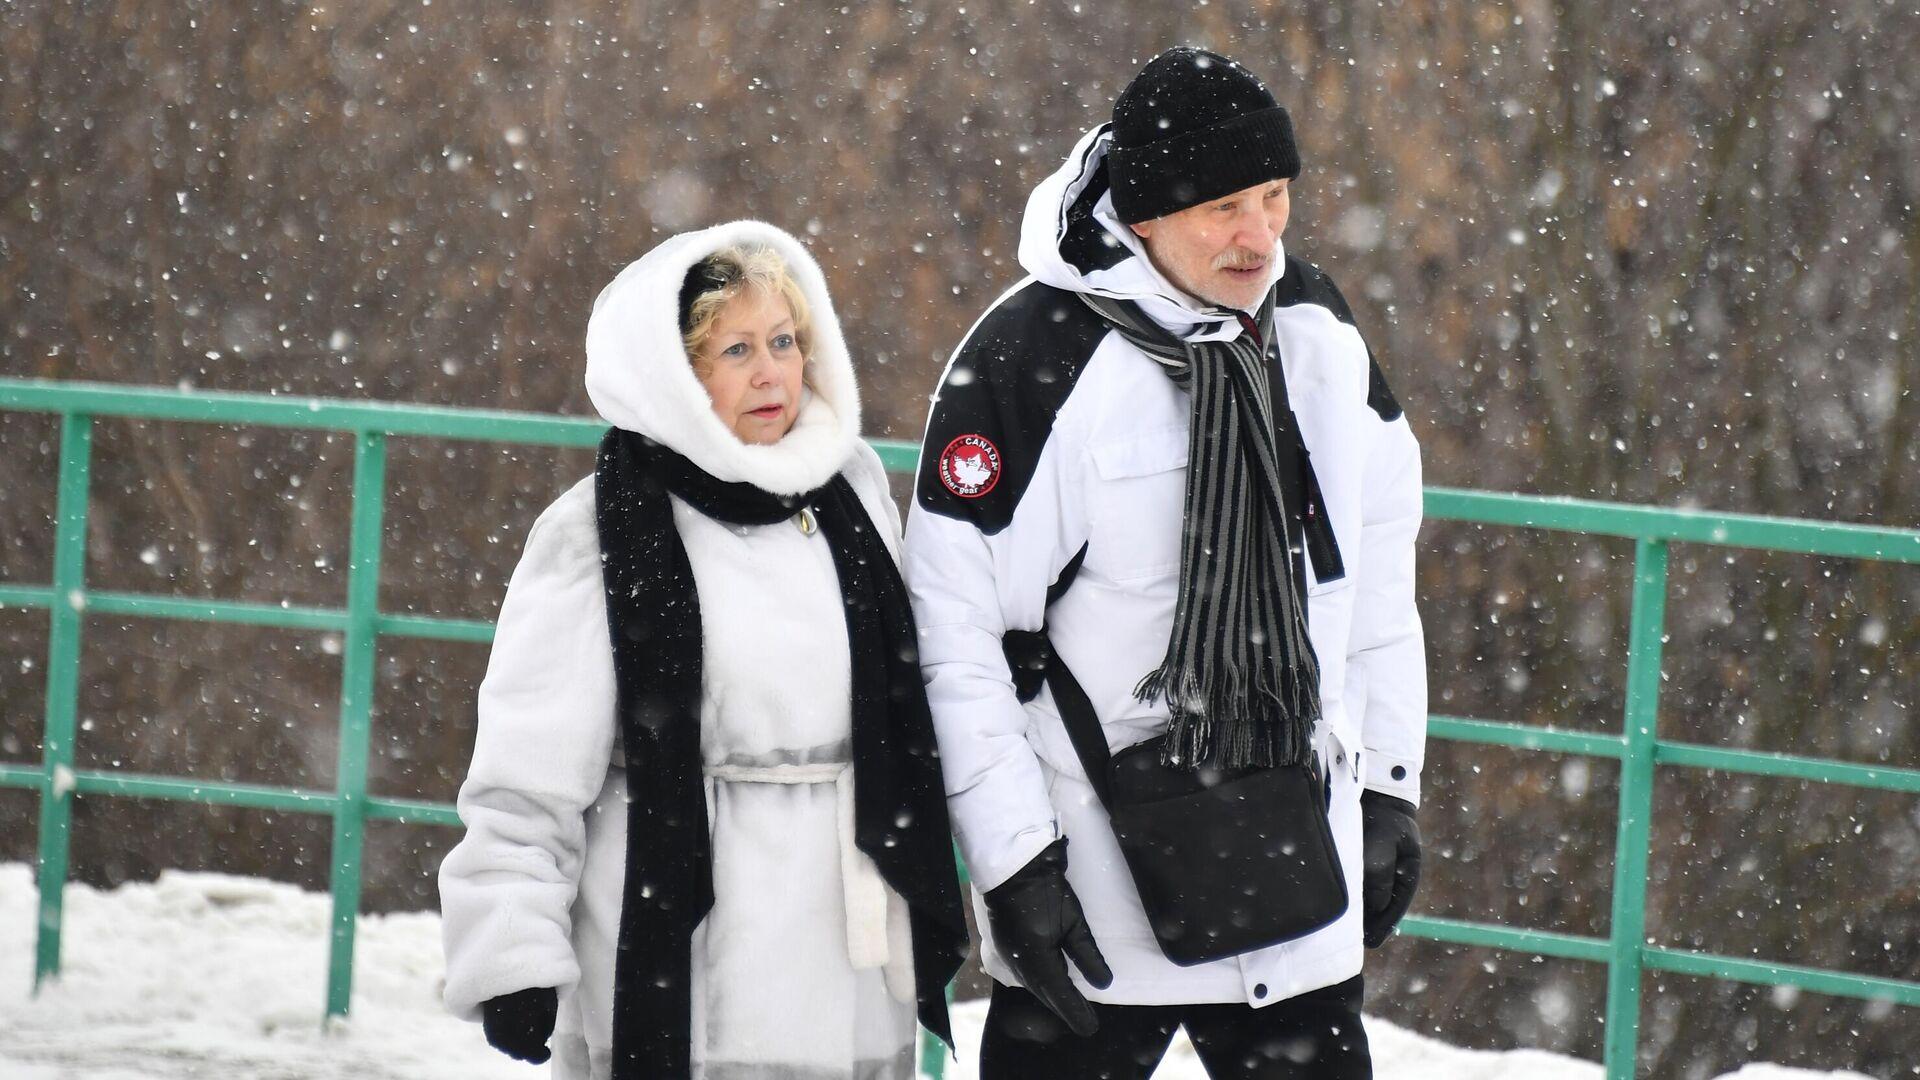 Морозостойкую одежду нового поколения создают ученые России и Германии